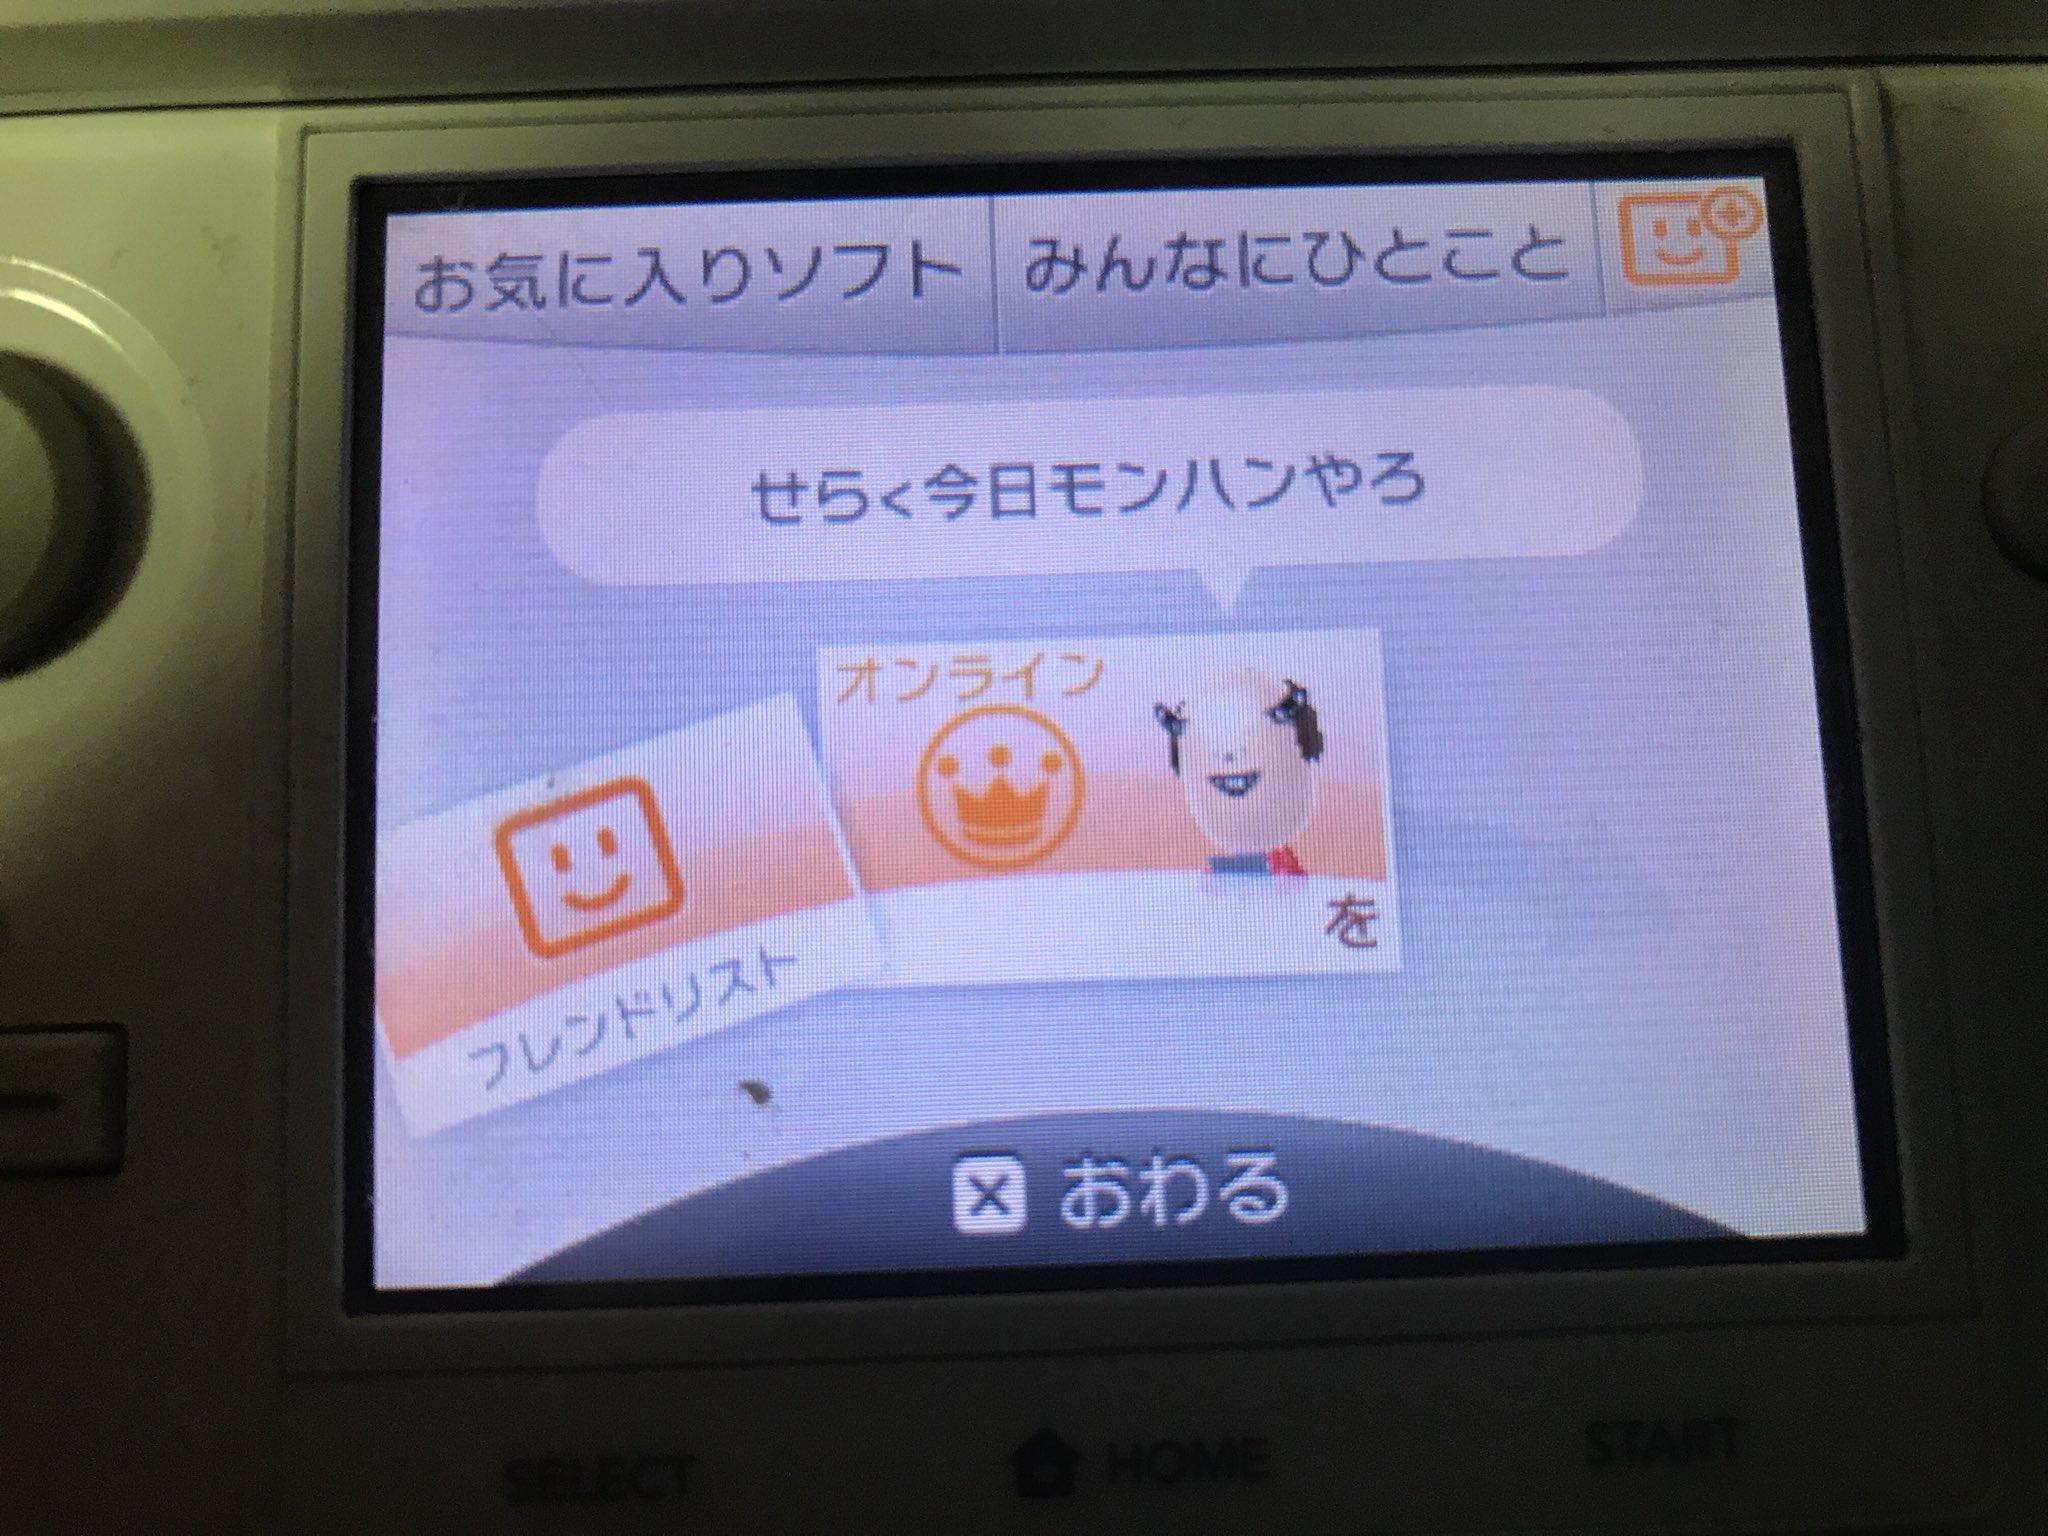 昔3DSのフレンド機能をメール代わりに使ってた人っている?ww